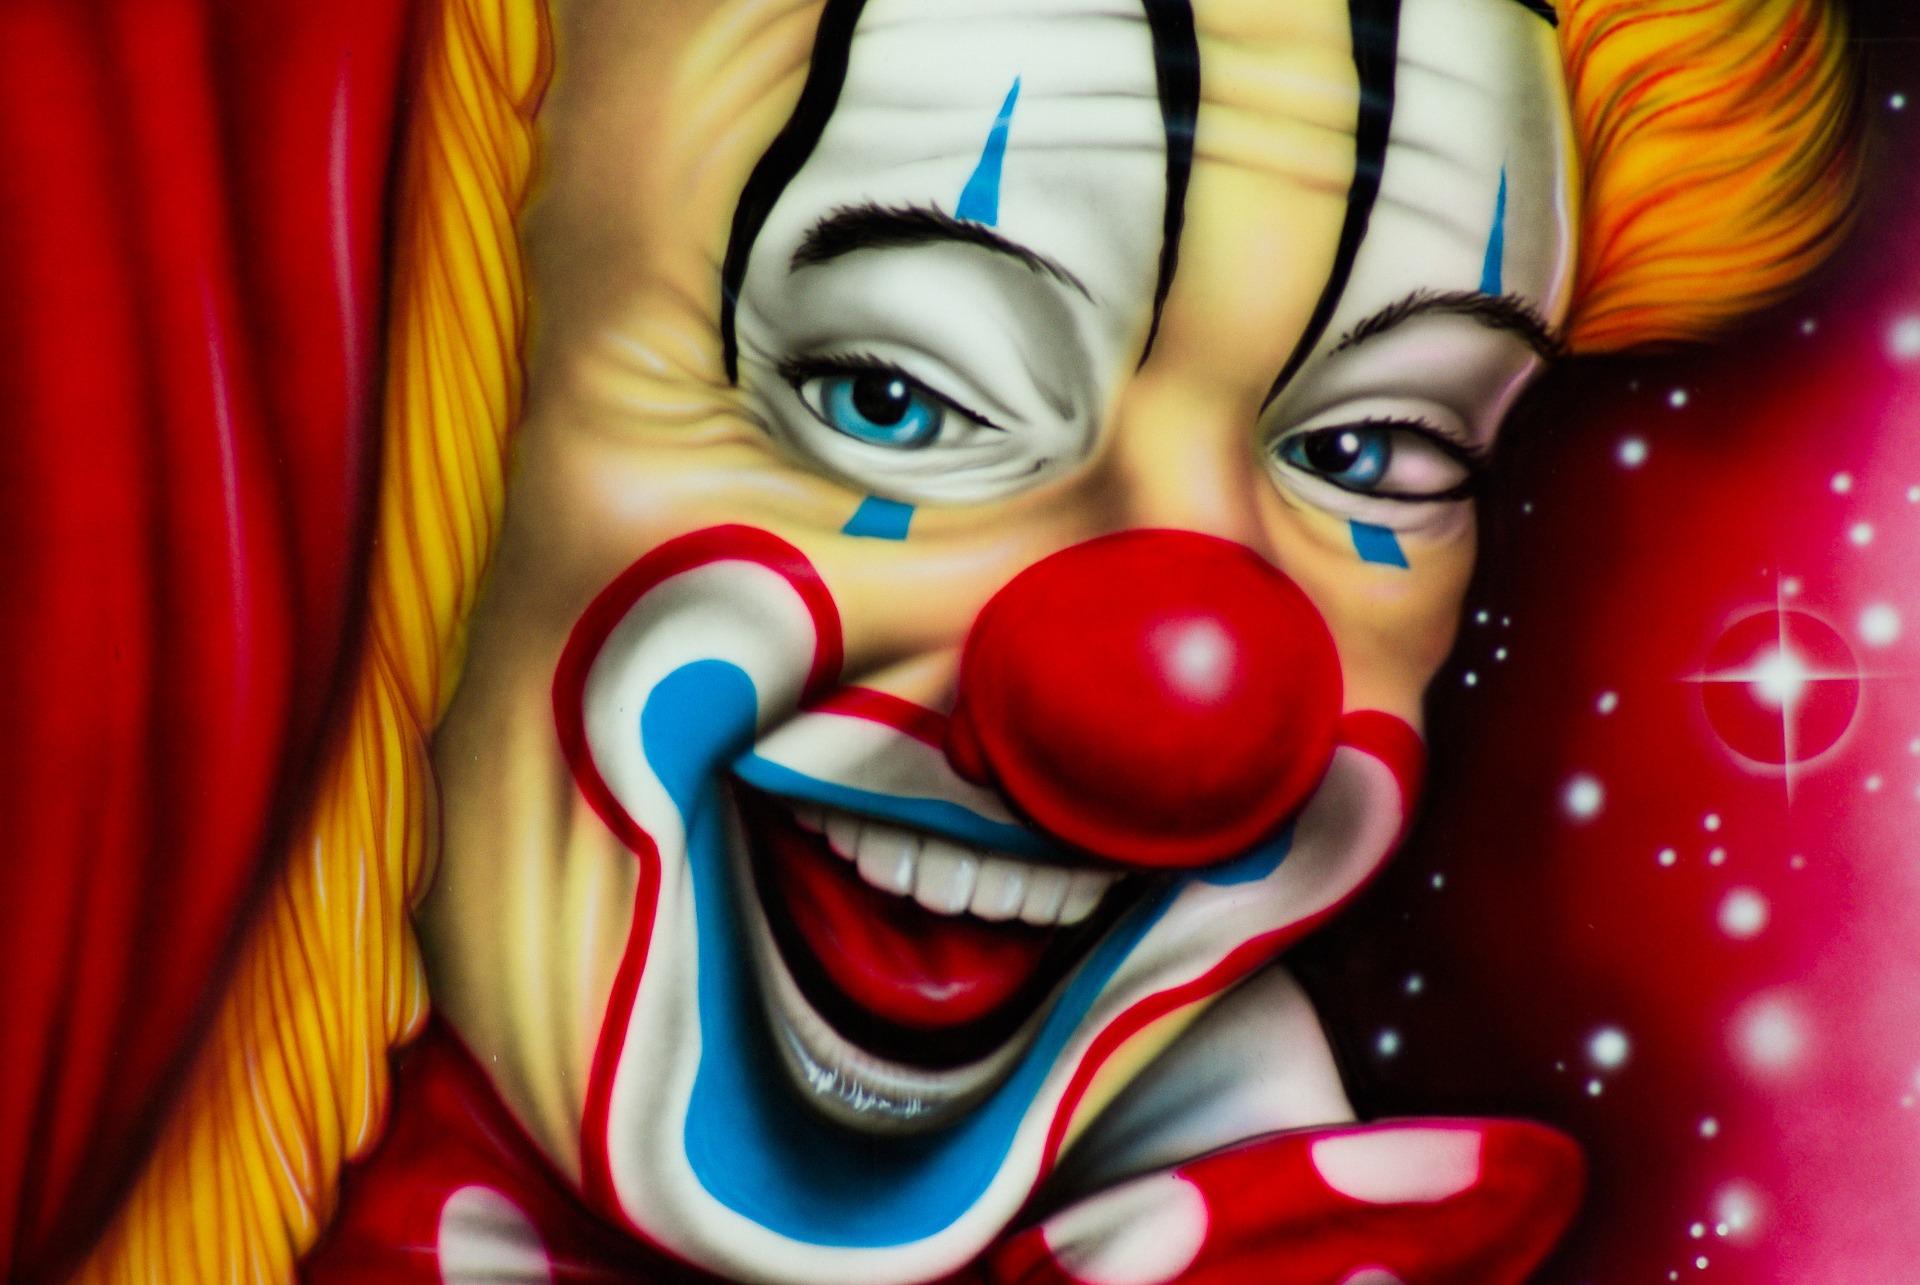 """Некоторые люди уничтожают Вашу самооценку посредством игры в поведенческий сценарий """"работник цирка и животное"""", в ходе которого воспринимает Вас исключительно как животное и мучает Вас"""